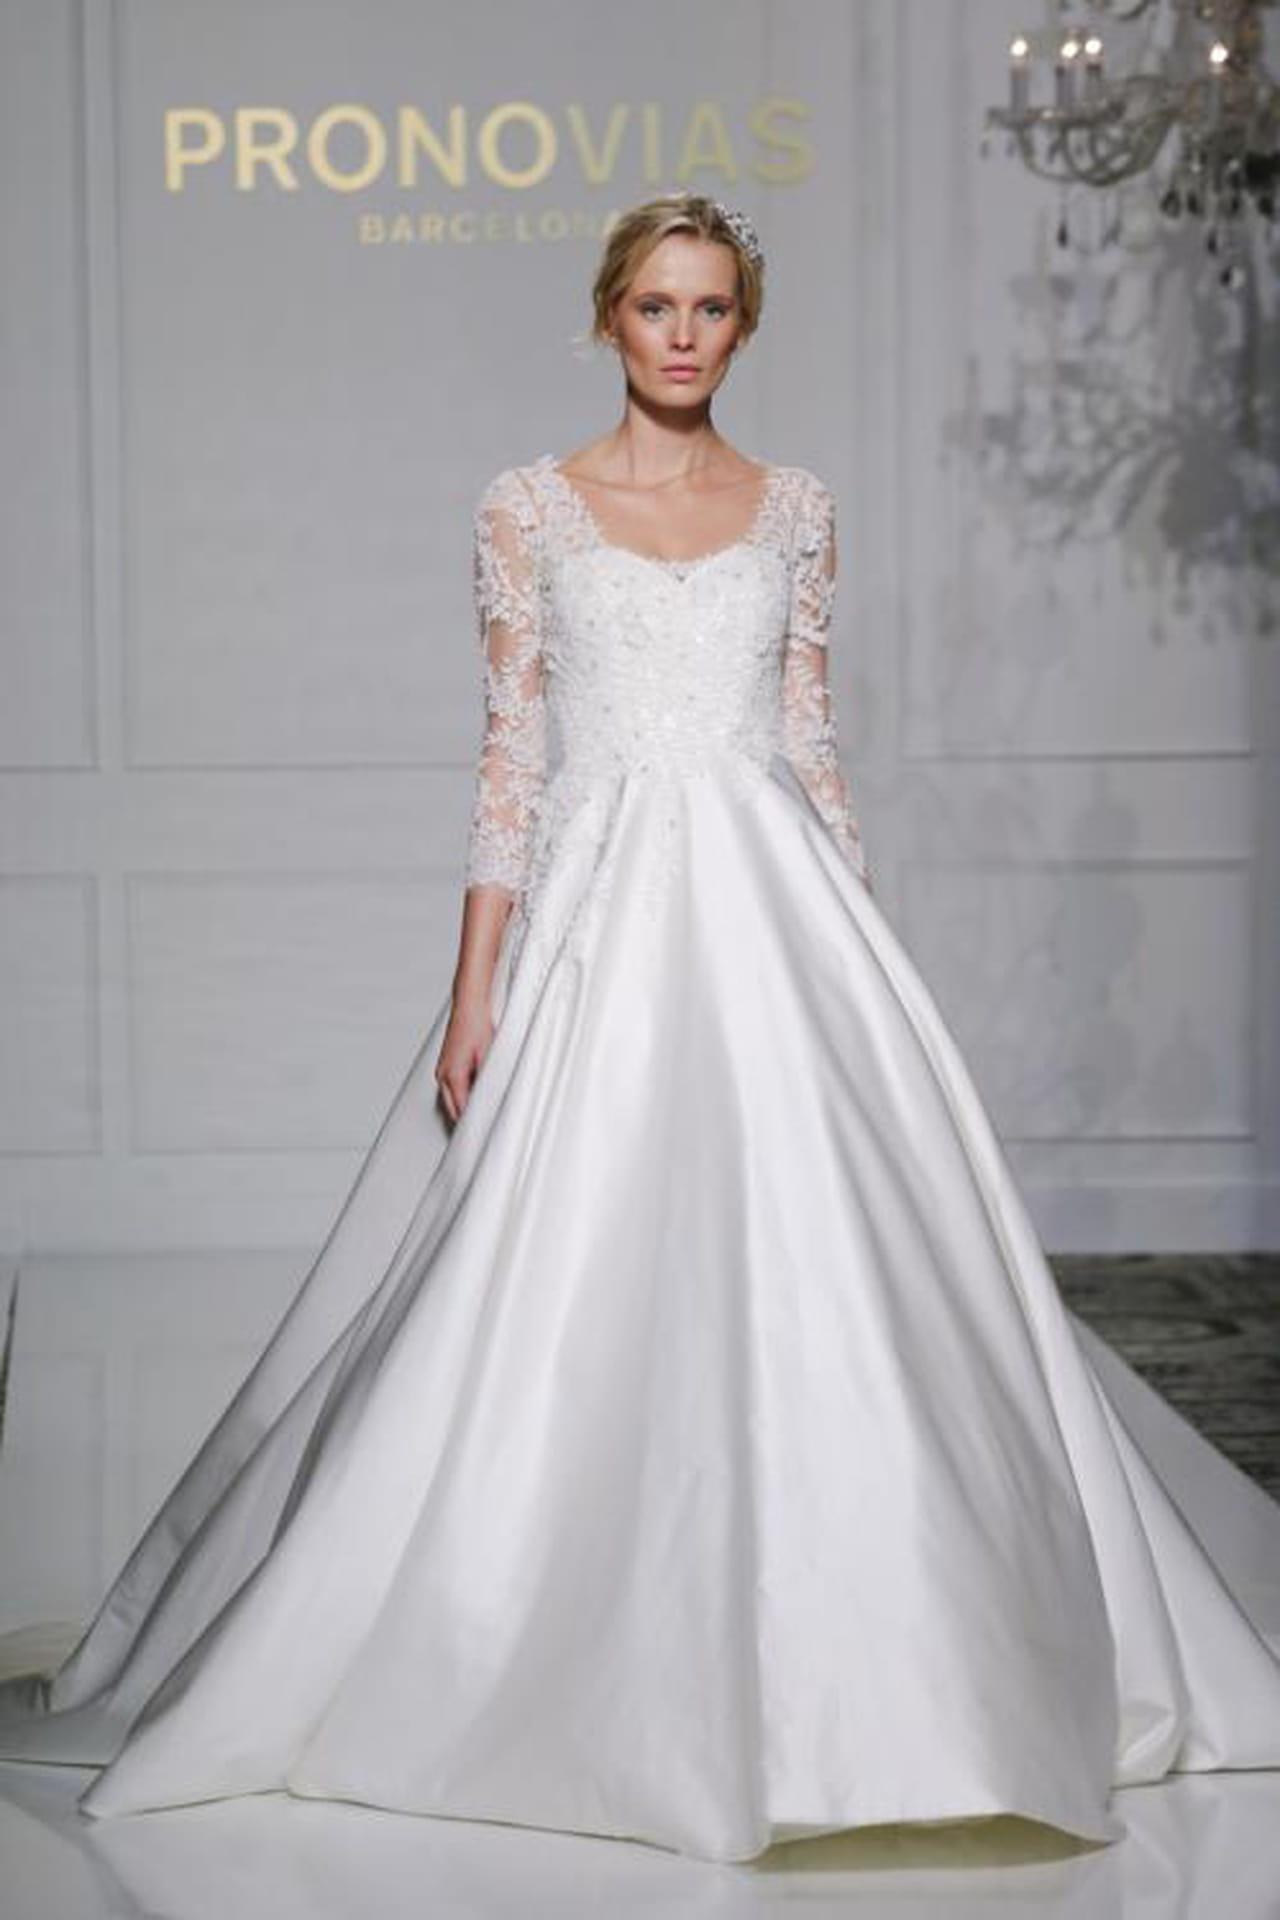 23139ad5710bd الحجاب لا يعيق العروس في الظهور بأجمل إطلالة ليلة زفافها، بل يمكن أن تبدو  أجمل من أي عروس طالما إختارت فستان زفاف راقي ومميز، وخاصةً بعدما قدم  المصممون حول ...